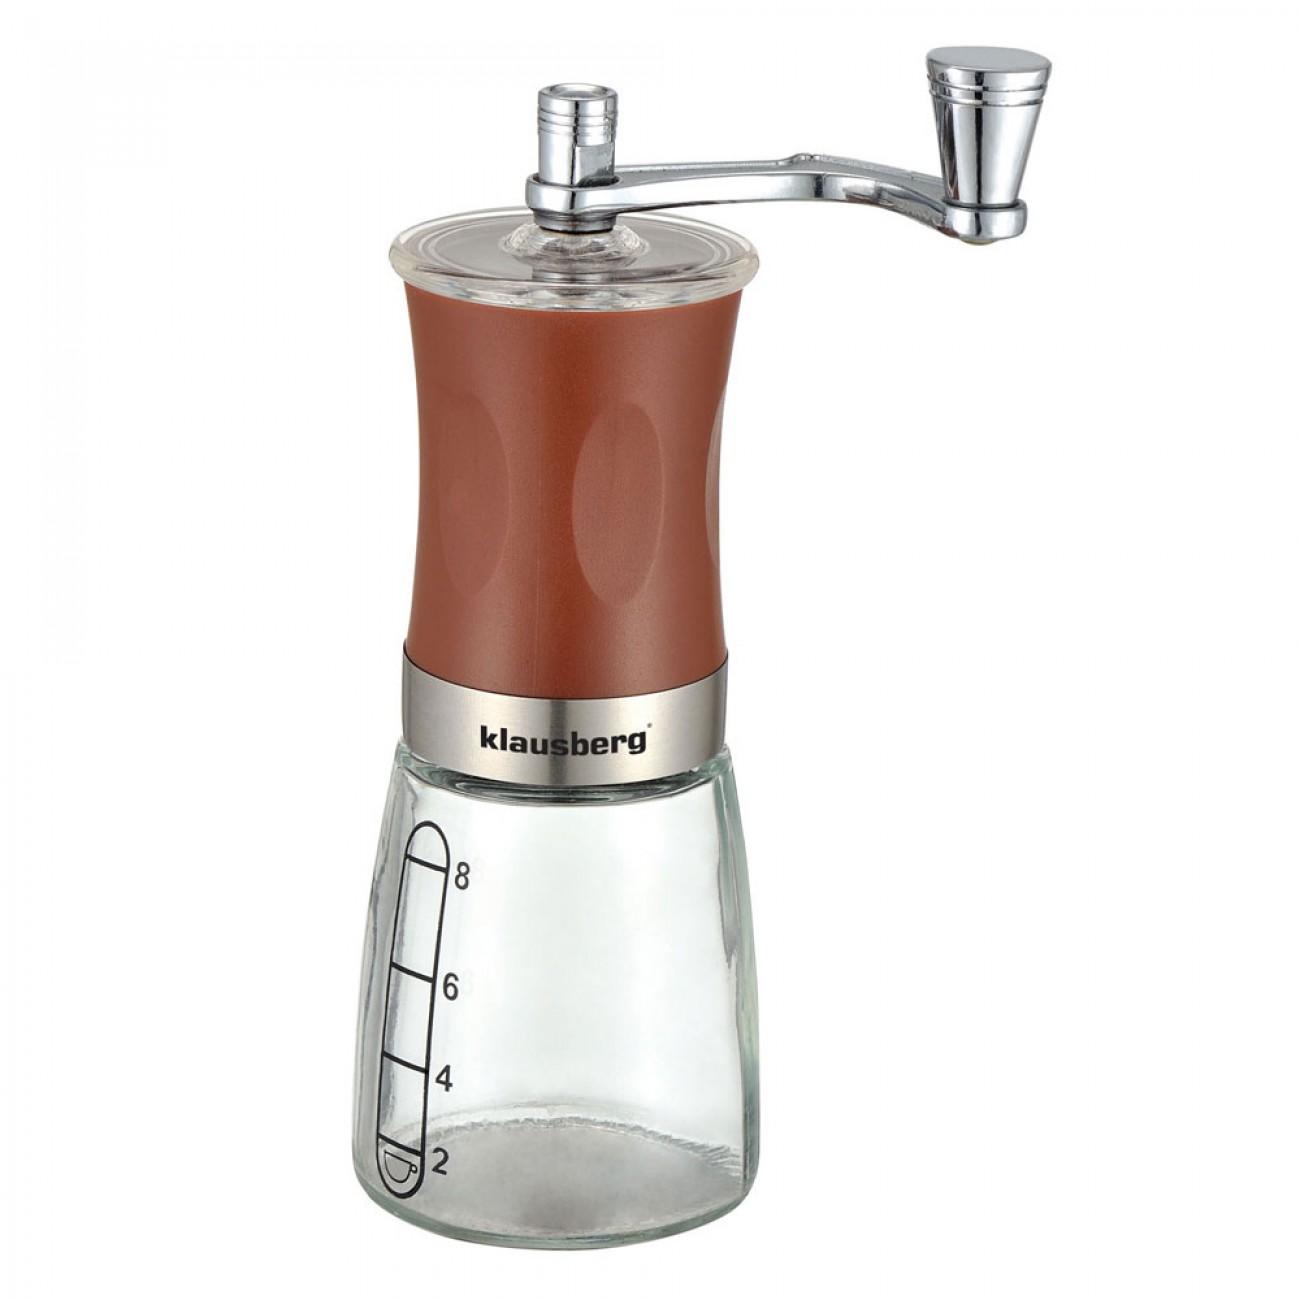 Механична мелничка за кафе Klausberg KB 7176, 8 чаши, Регулиране на големина, Стъкло, Кафяв в Кафемелачки - Klausberg | Alleop